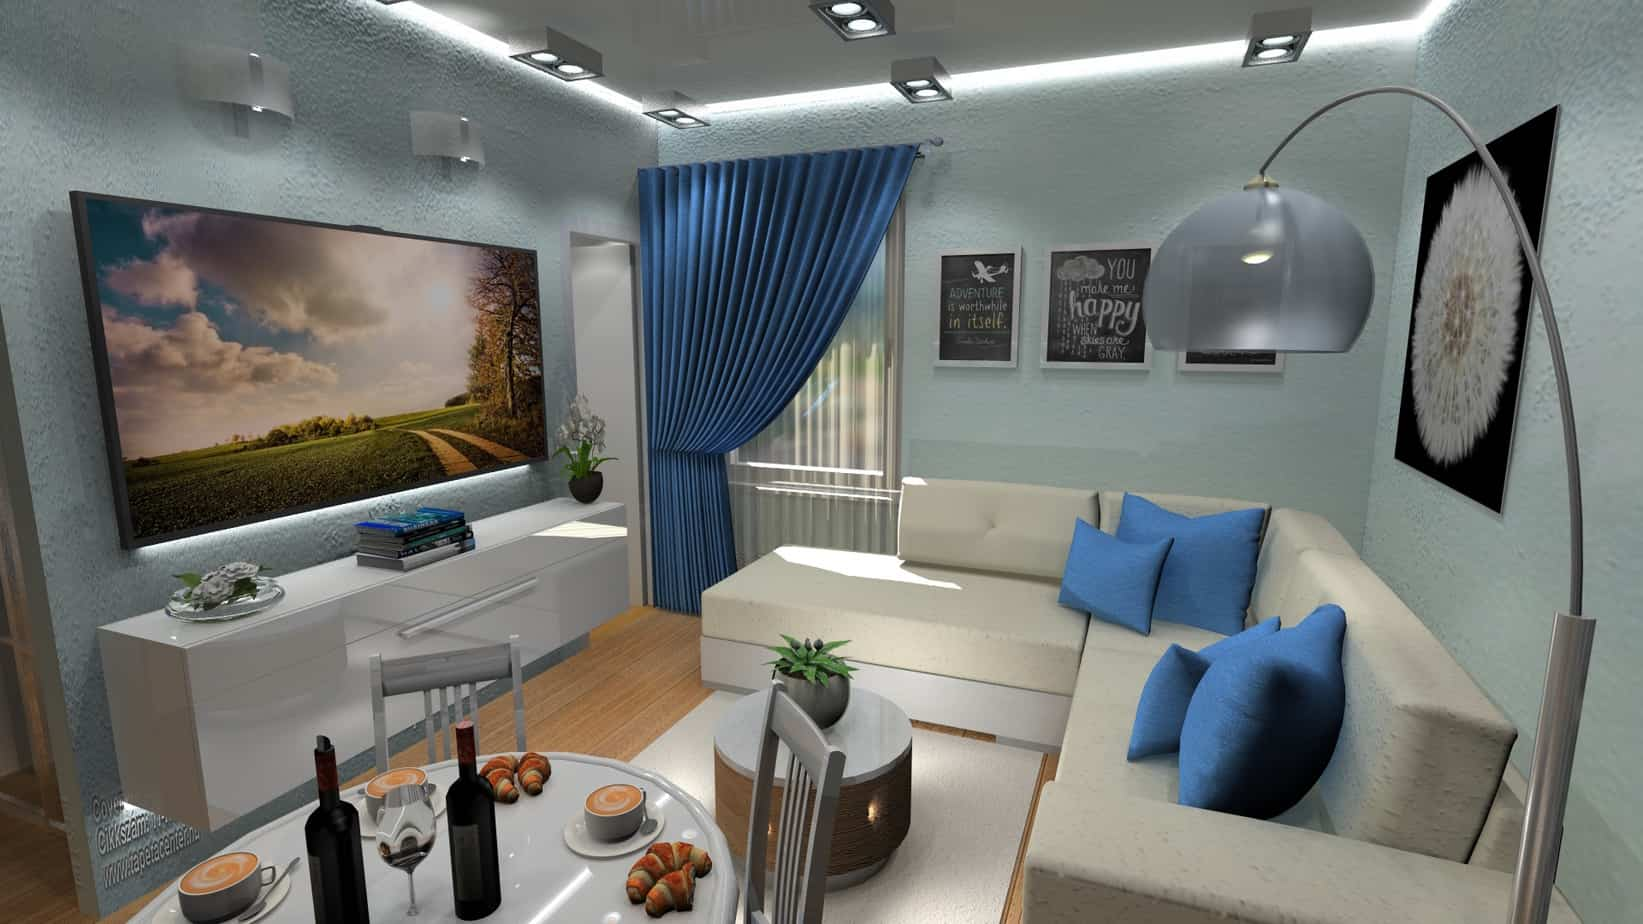 VelvetStudio Belvárosi kislakás Moncsi lakása háló a konyhában nappali kék függönnyel belvárosi kislakás,nappali